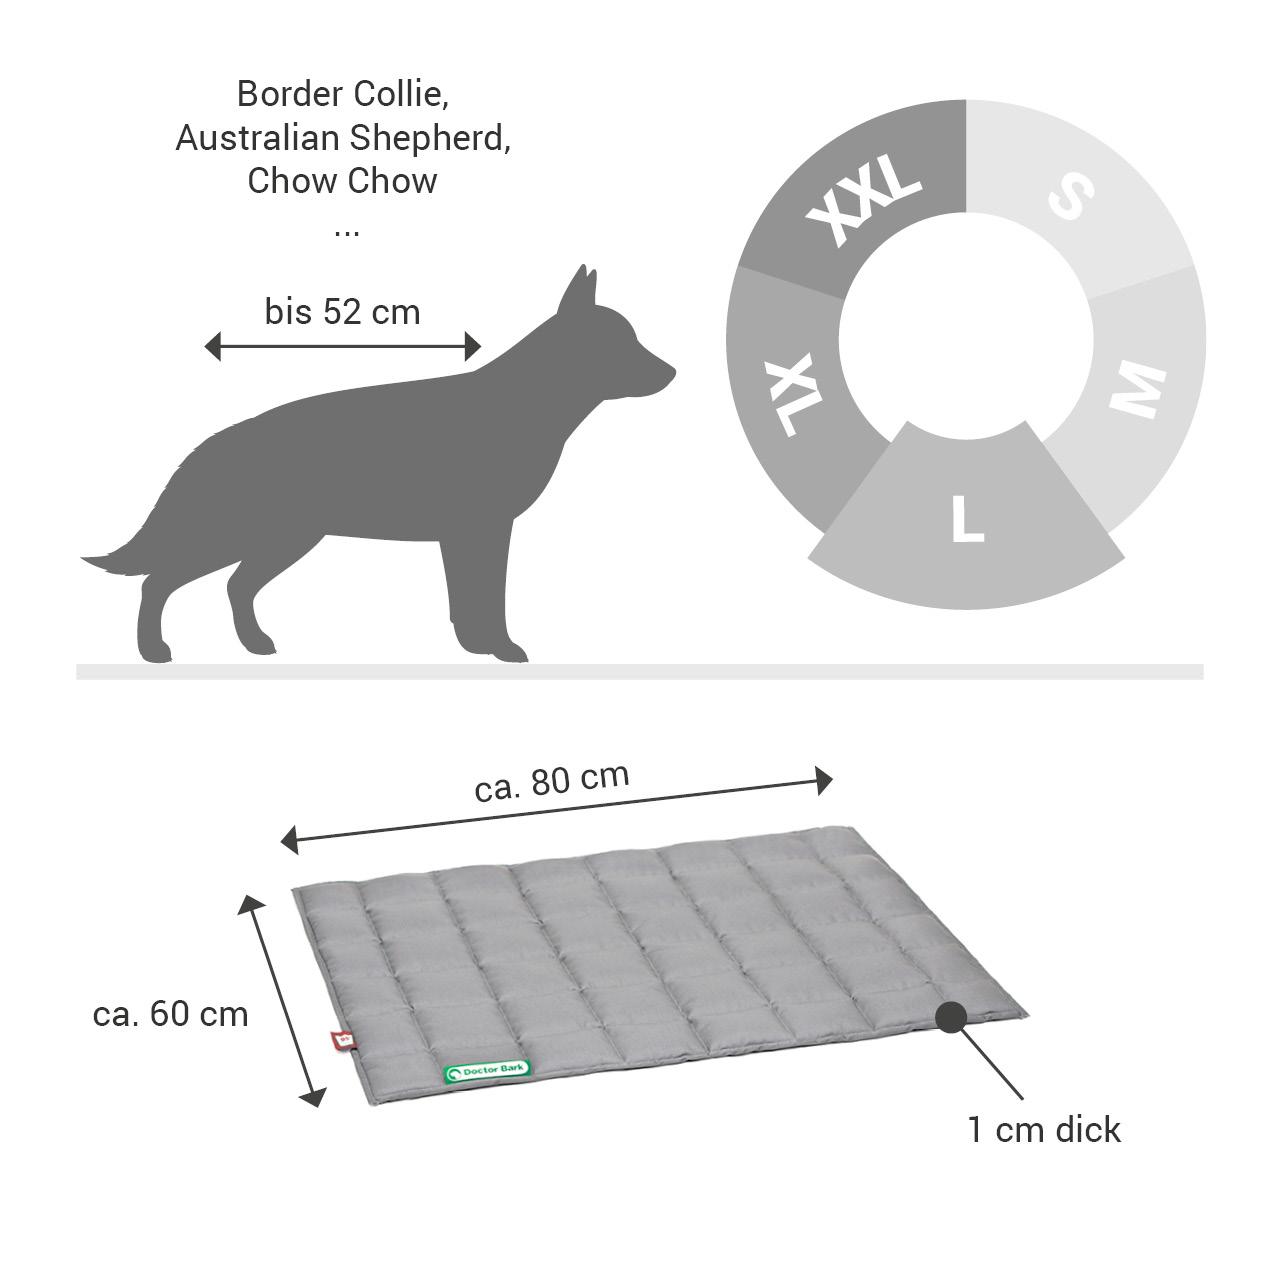 gepolsterte Einlegedecke für Doctor Bark Hundebett Gr. L - hellgrau